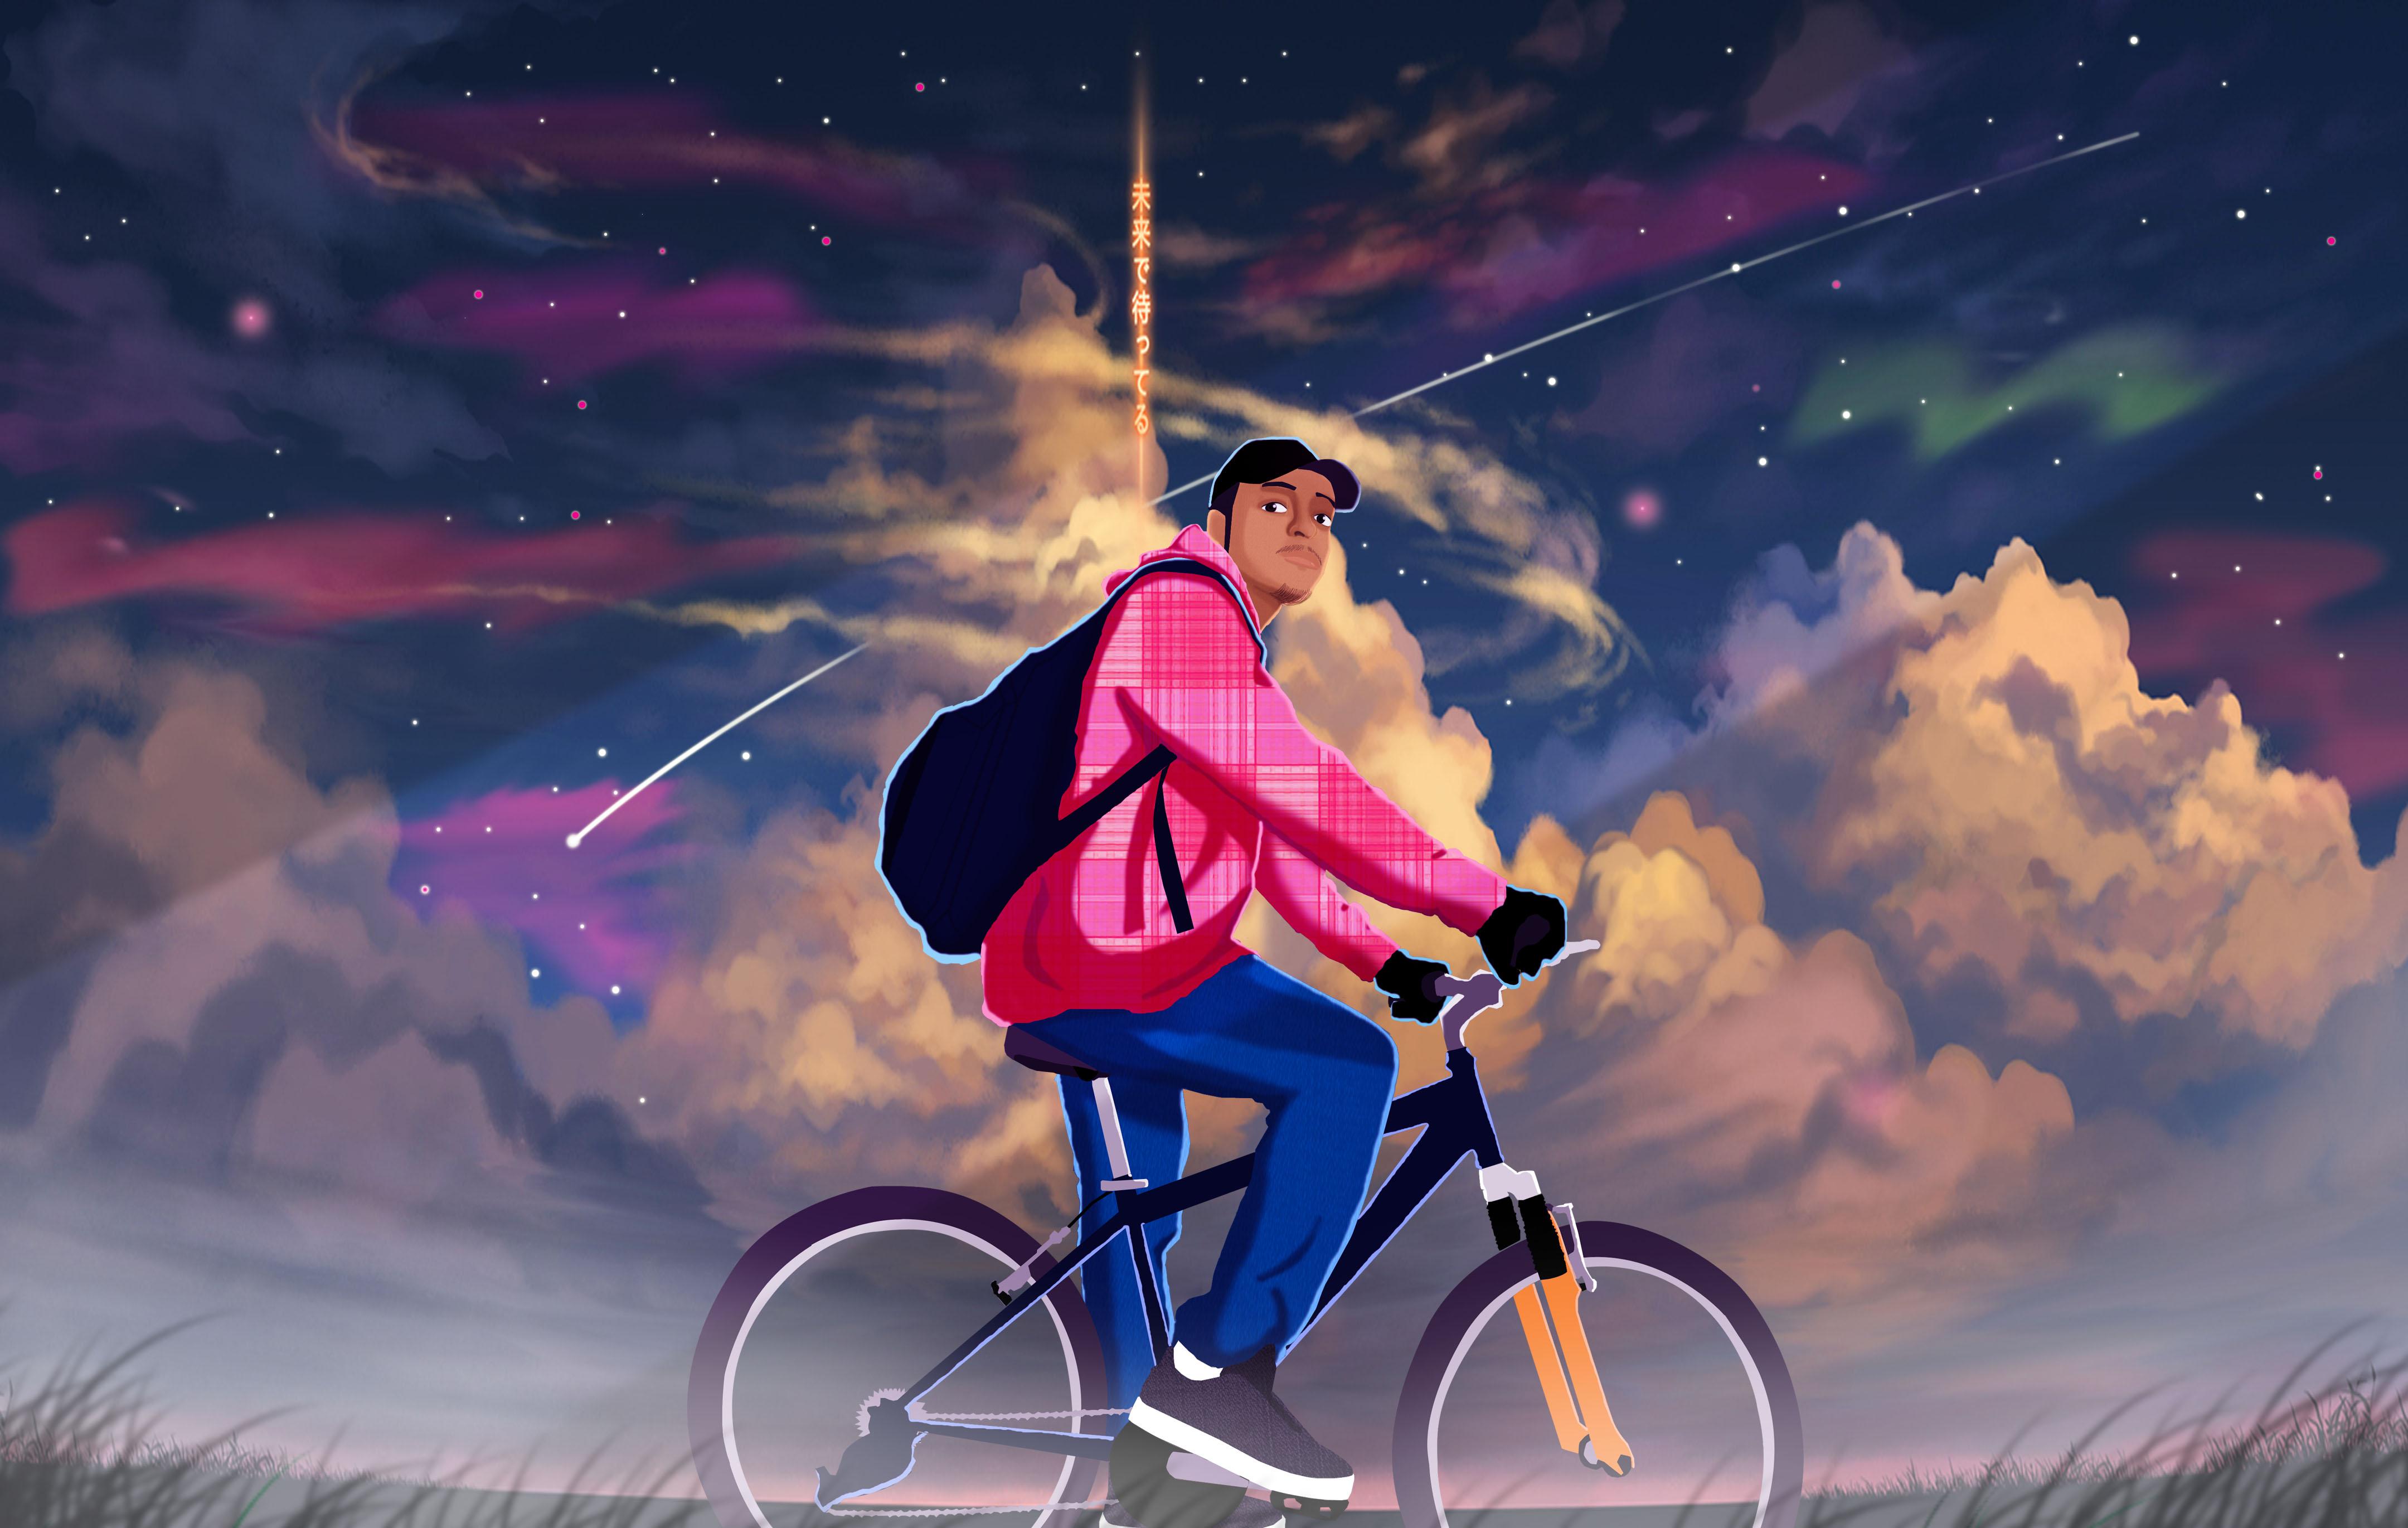 guy on a bike?